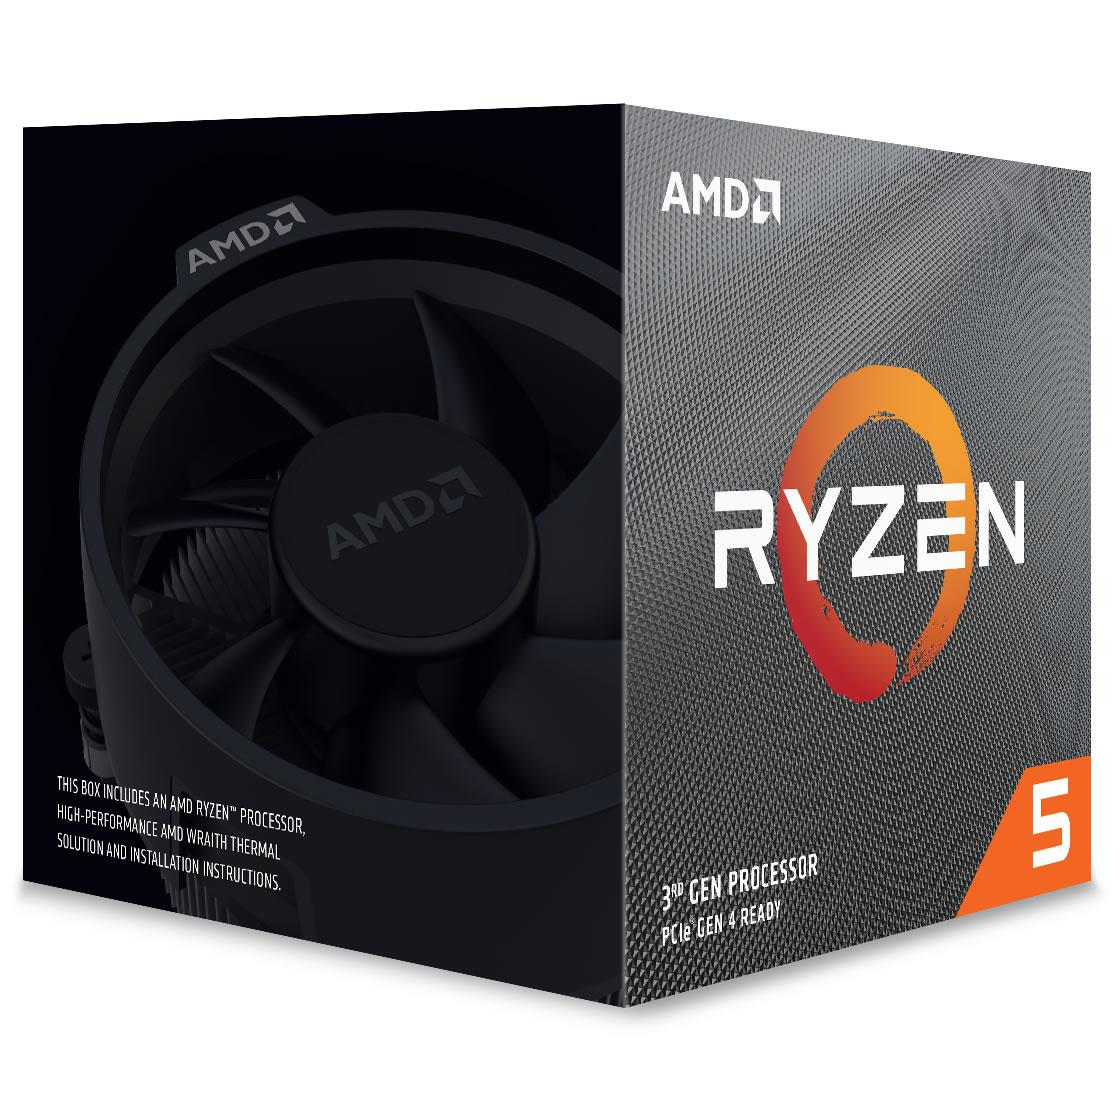 AMD Ryzen 5 3600XT 3.8 GHz 6-Core Processor